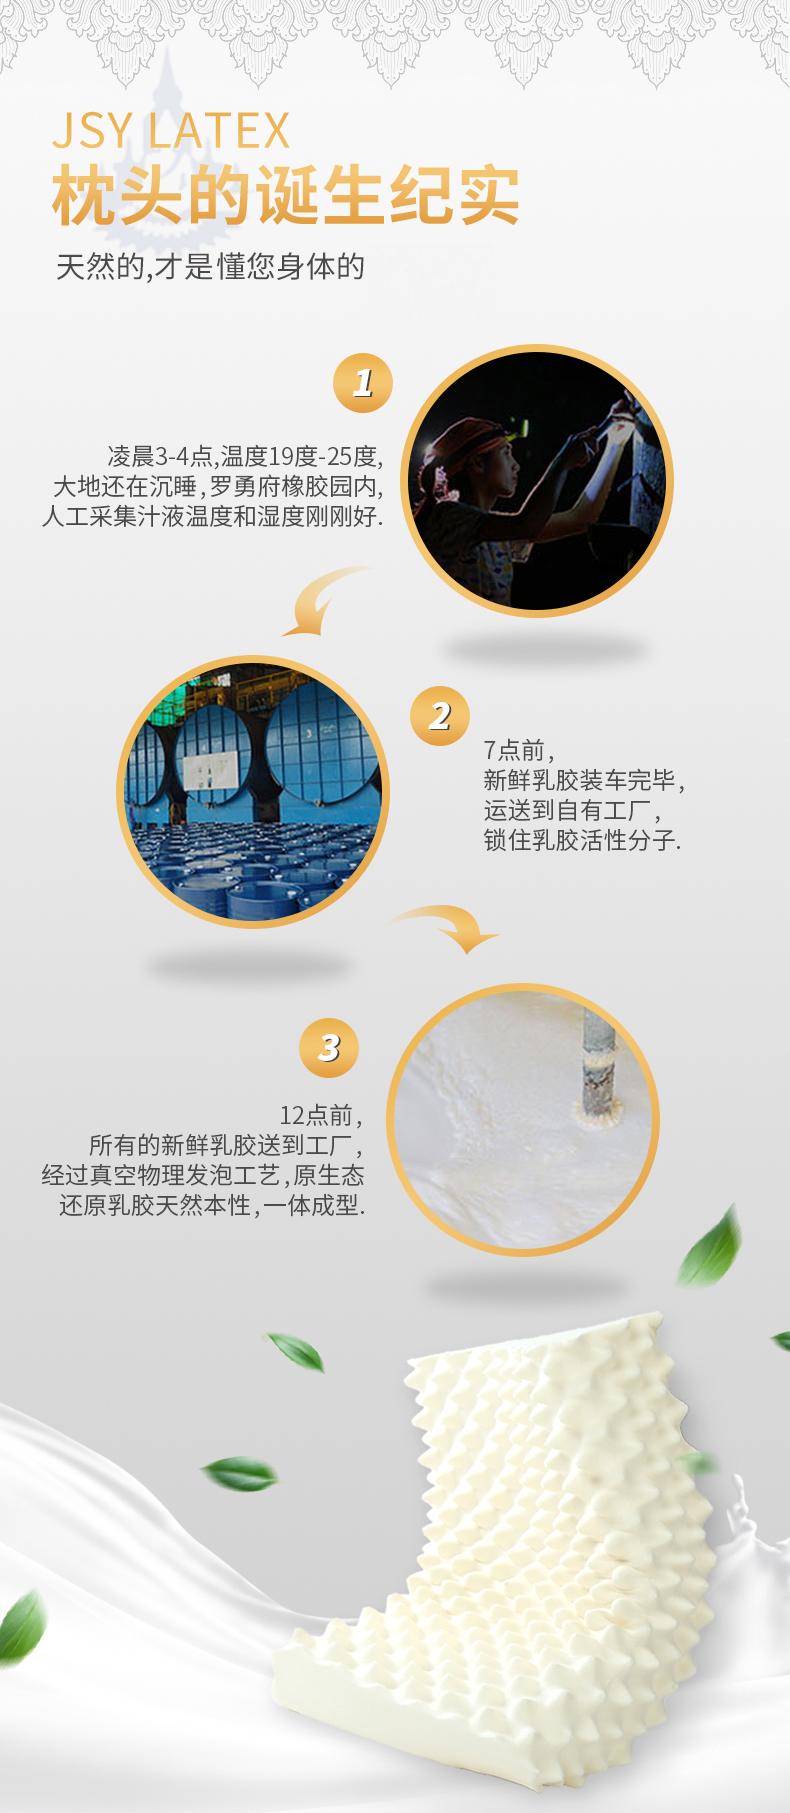 泰国原装进口 JSY LATEX 天然乳胶枕 94%天然乳胶含量 图7